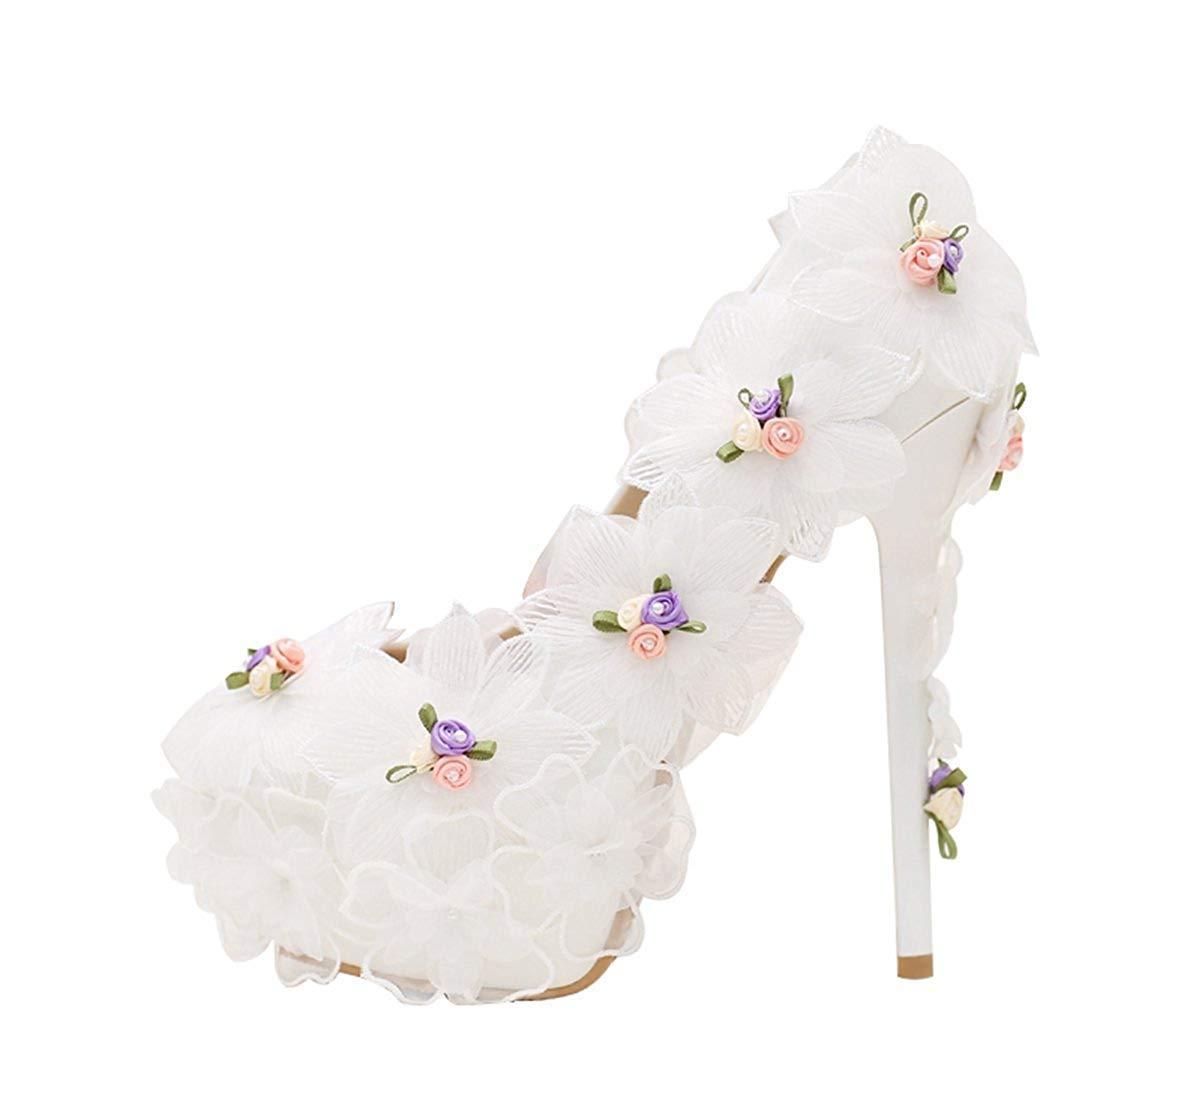 Qiusa Damen Versteckte Hohe Plattform Stiletto Heels Weiße Braut Hochzeit Pumps mit Blaumen UK 2 (Farbe   -, Größe   -)